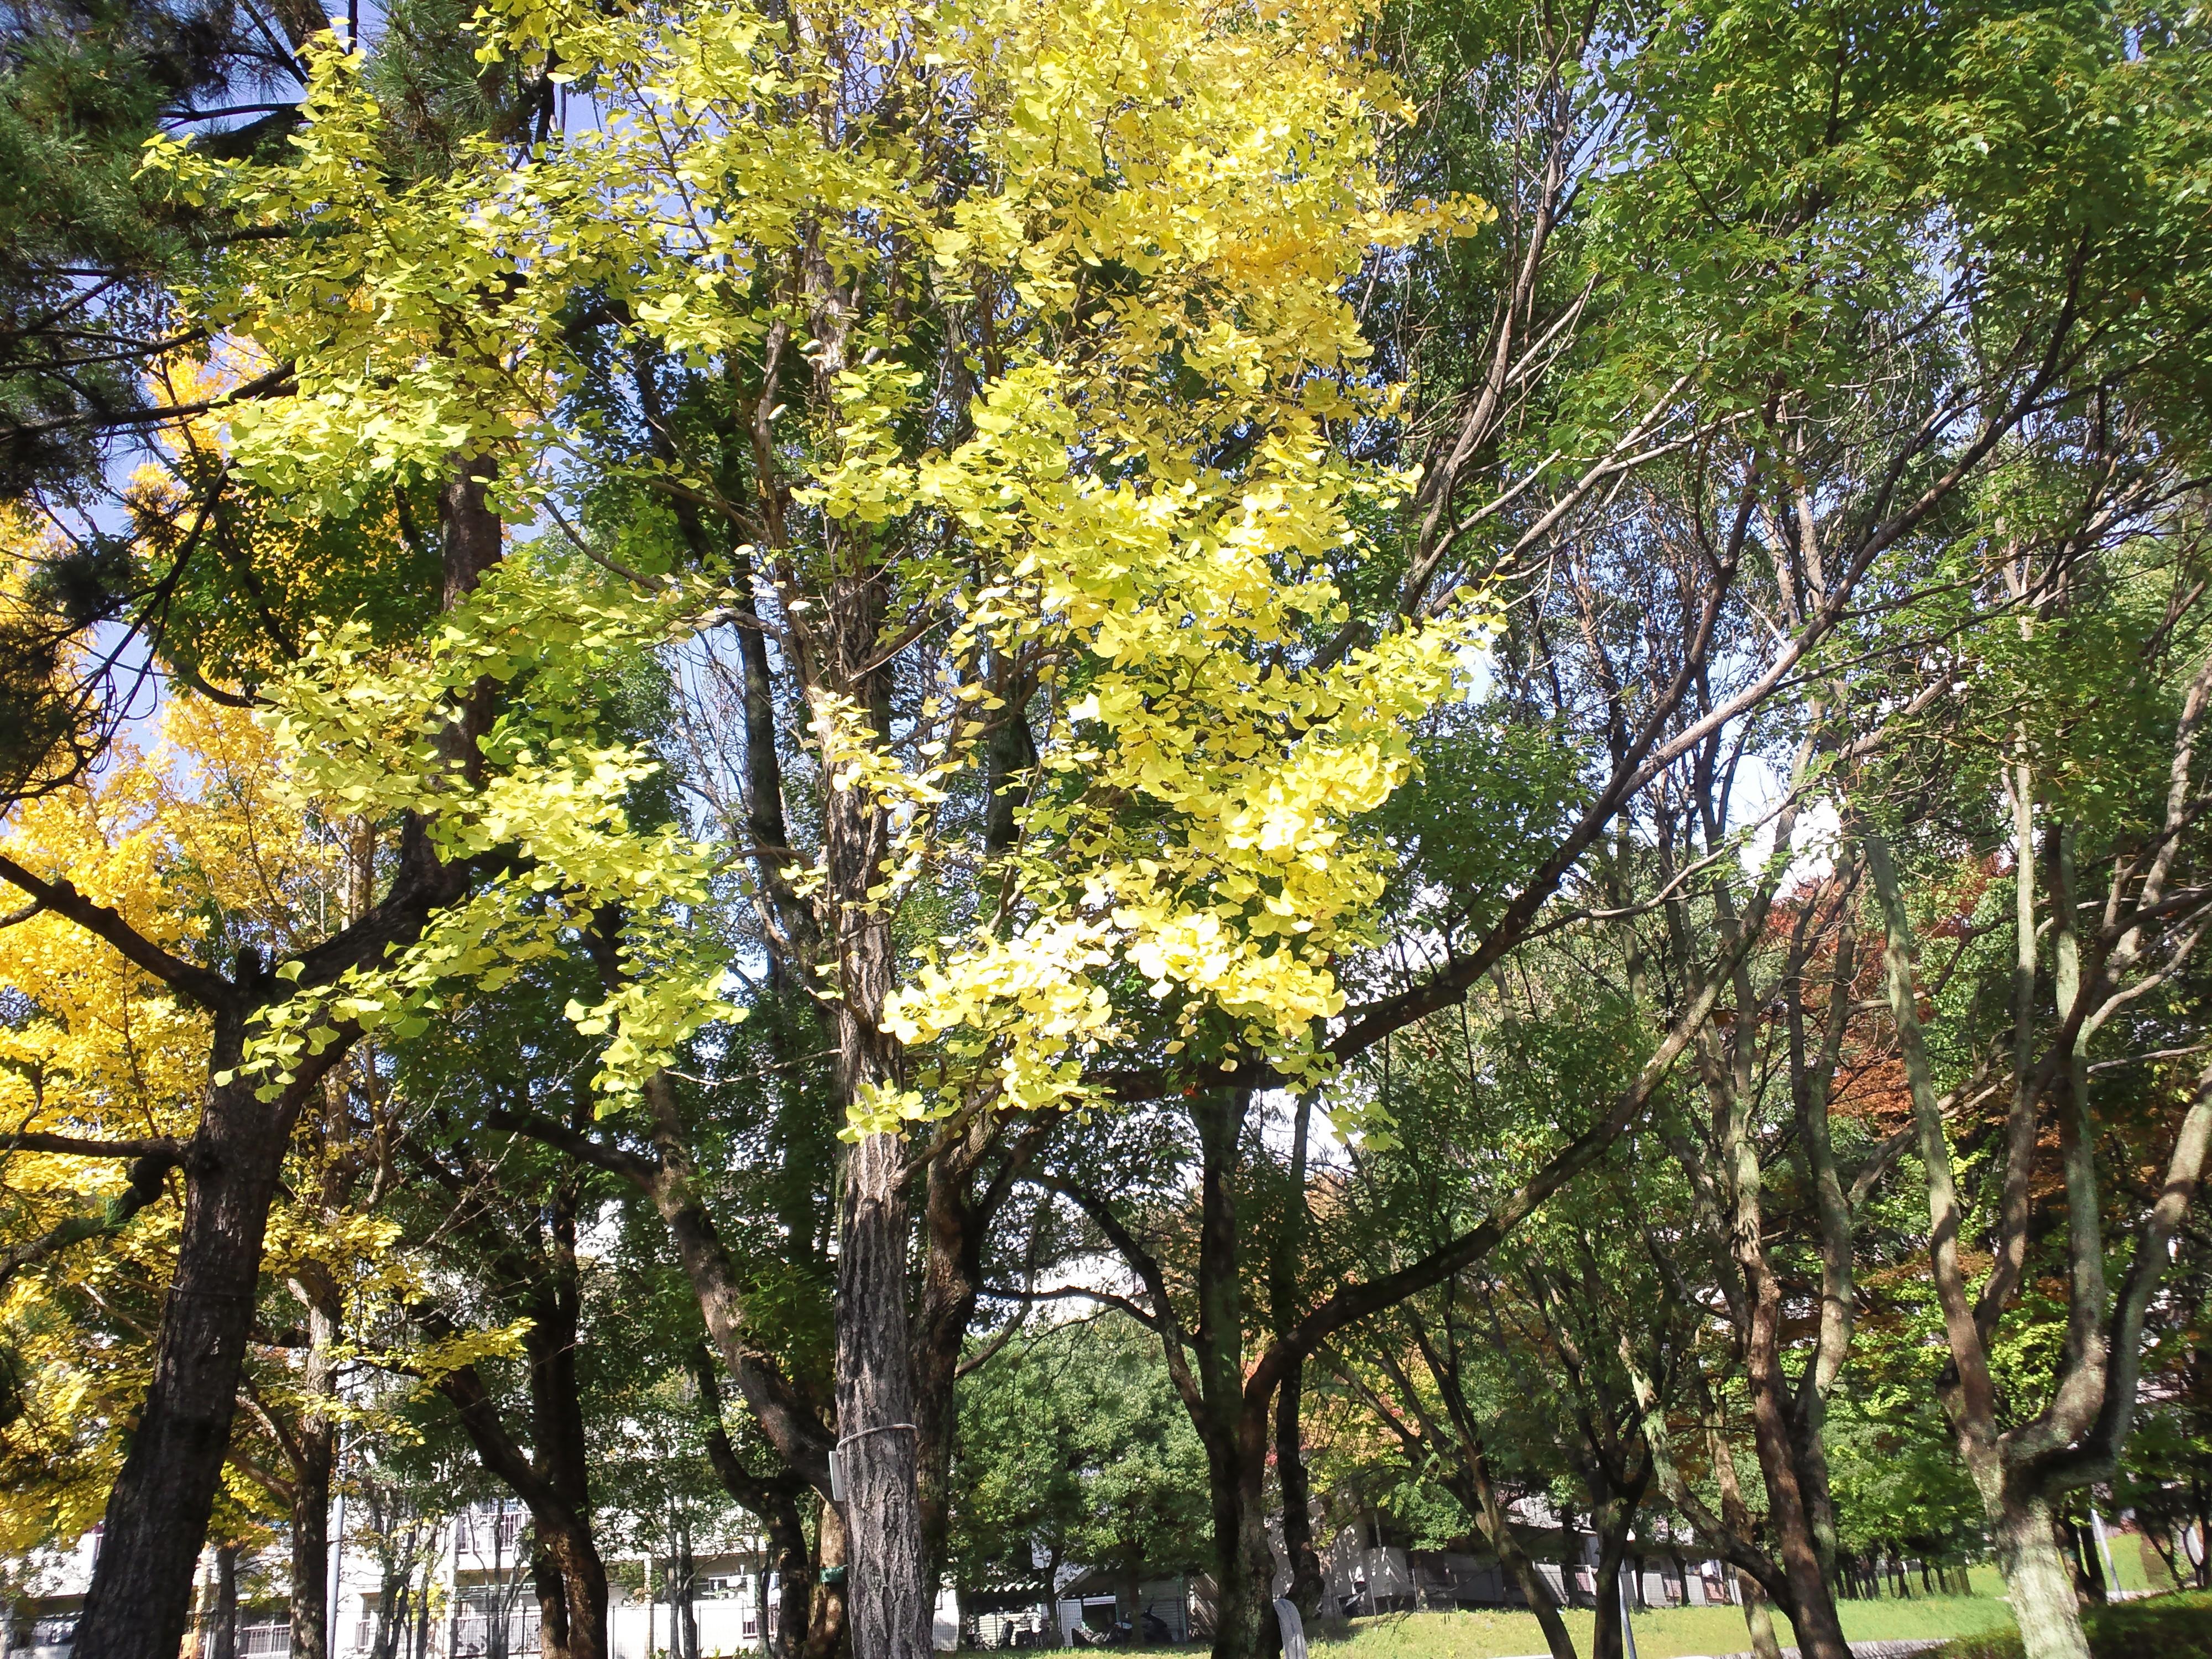 ずいぶんと秋めいてきました